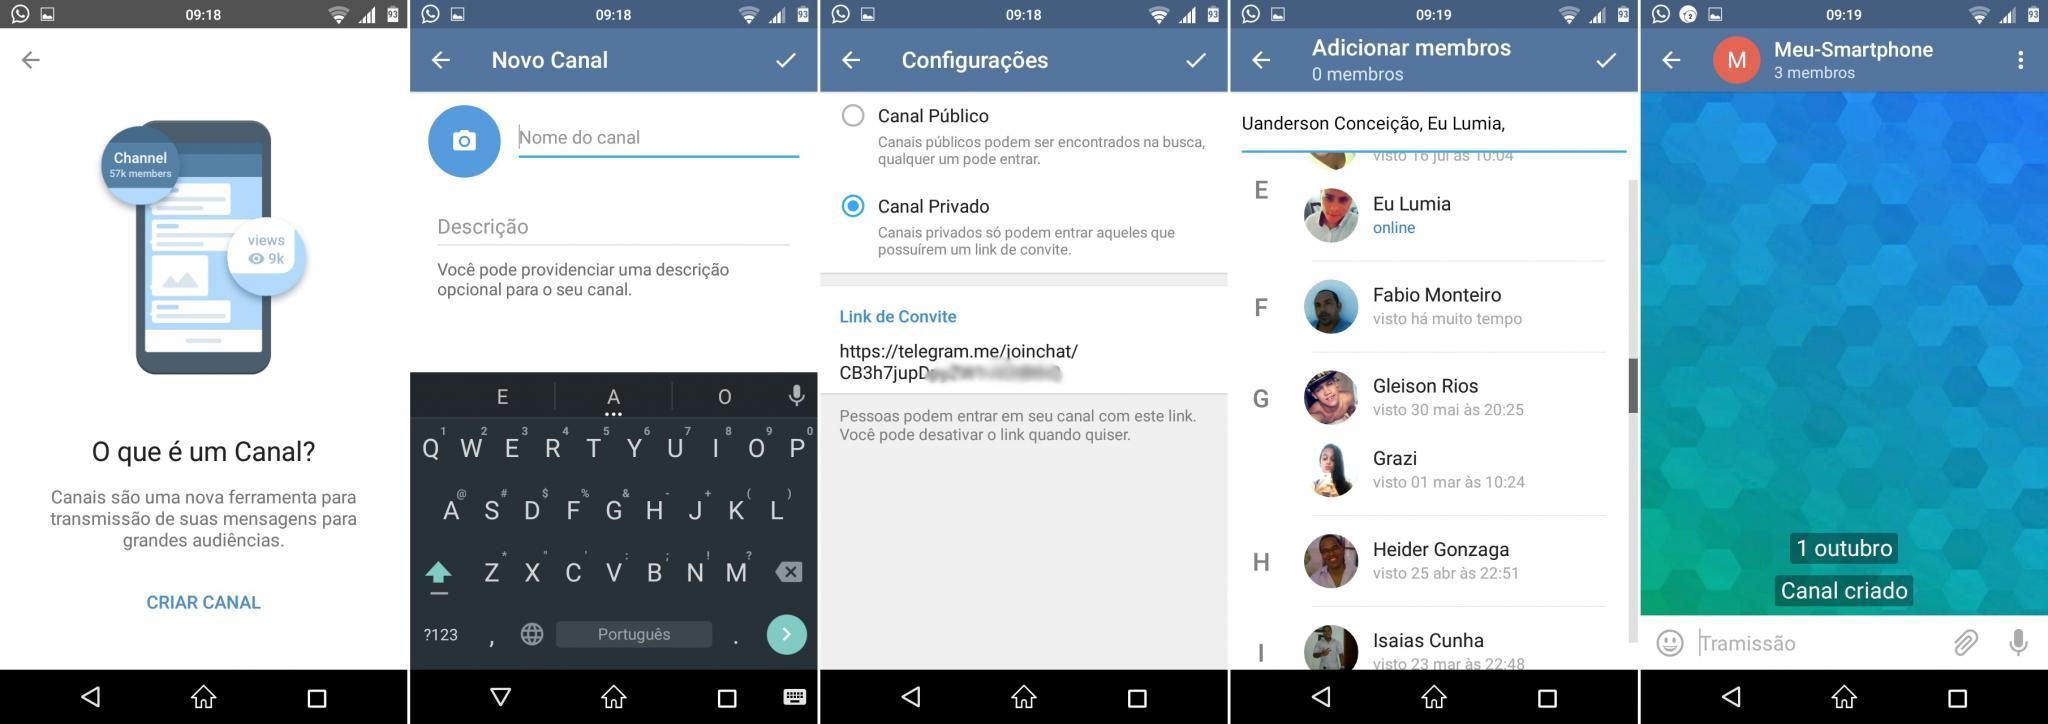 comparativo de apps #11 telegram - 12